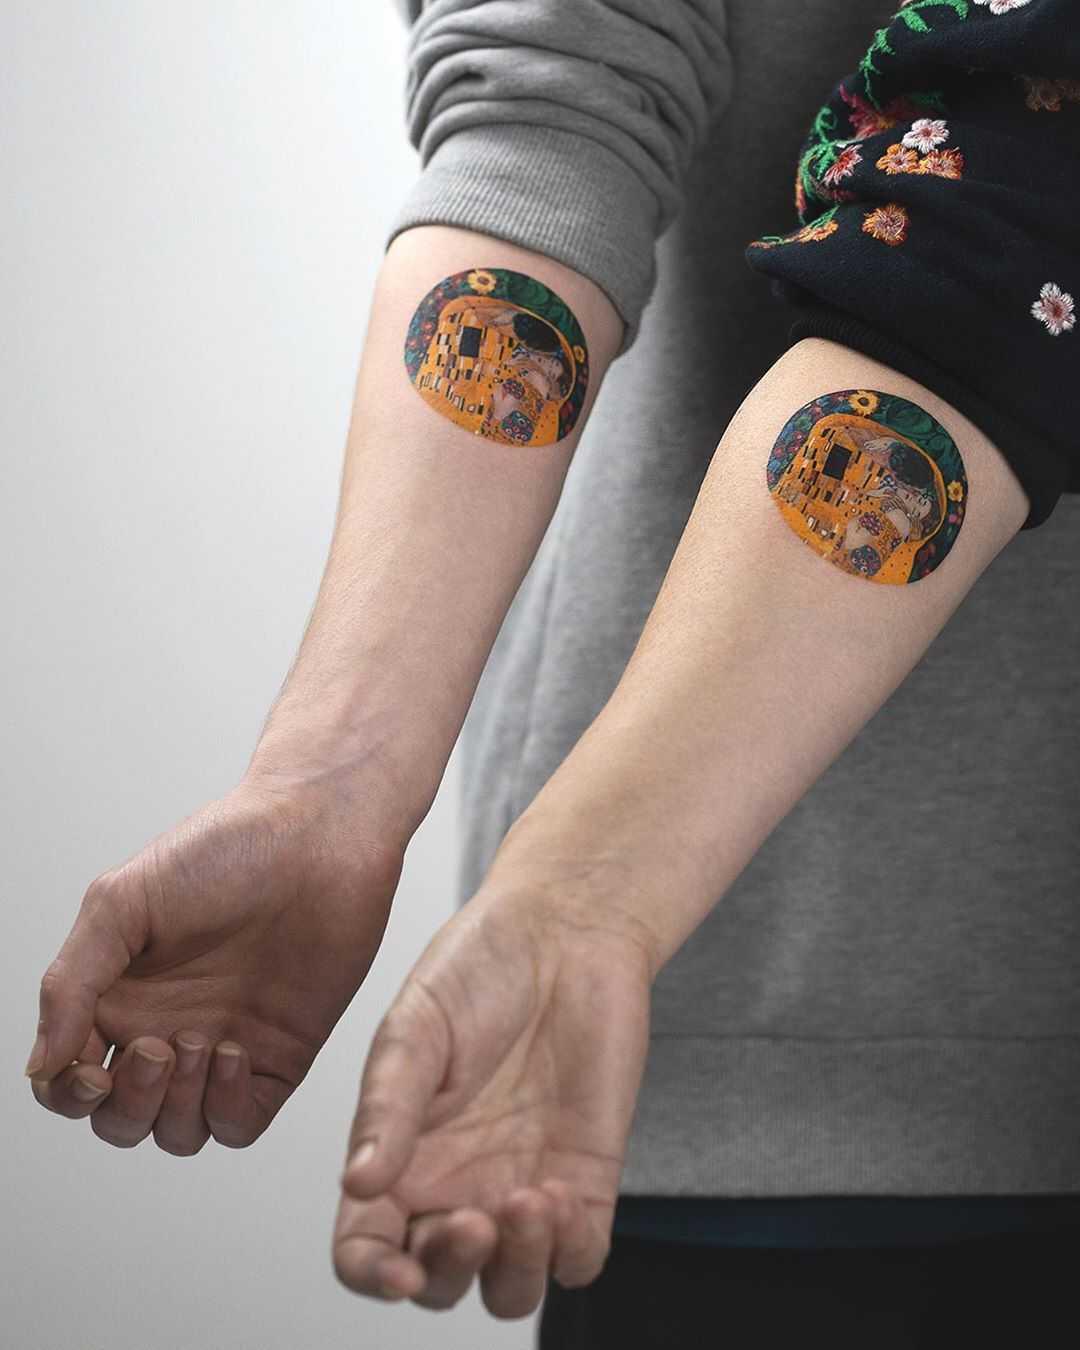 Klimt's matching tattoos by Rey Jasper